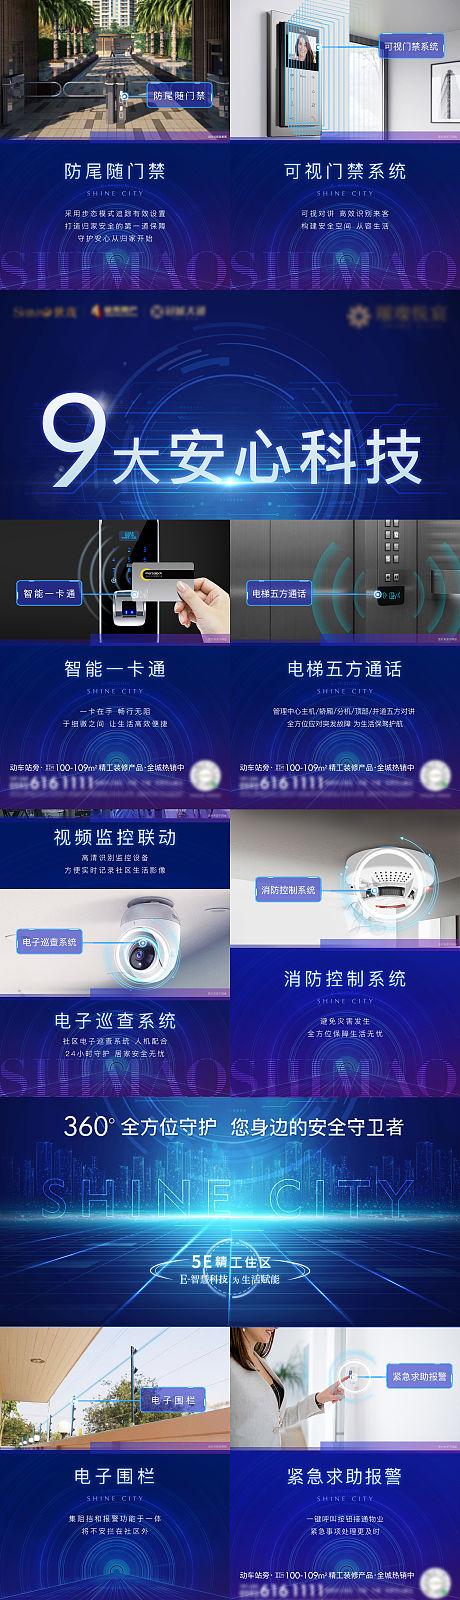 房地产智能化科技四宫格海报-源文件